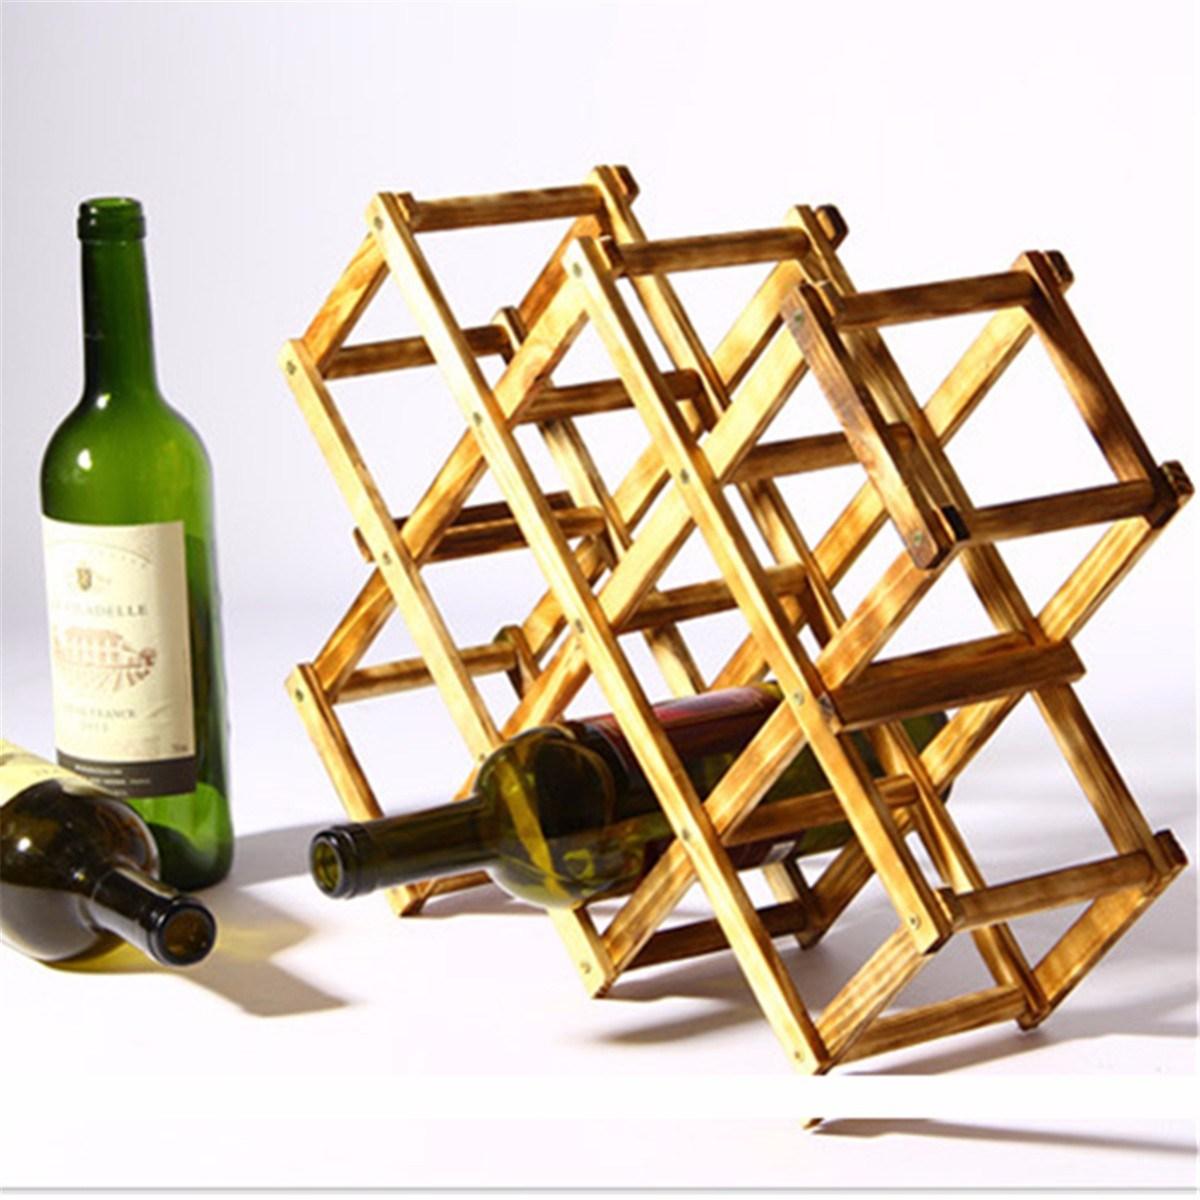 Portable Folding Wood Wine Bottle Holder Rack Storage Shelf